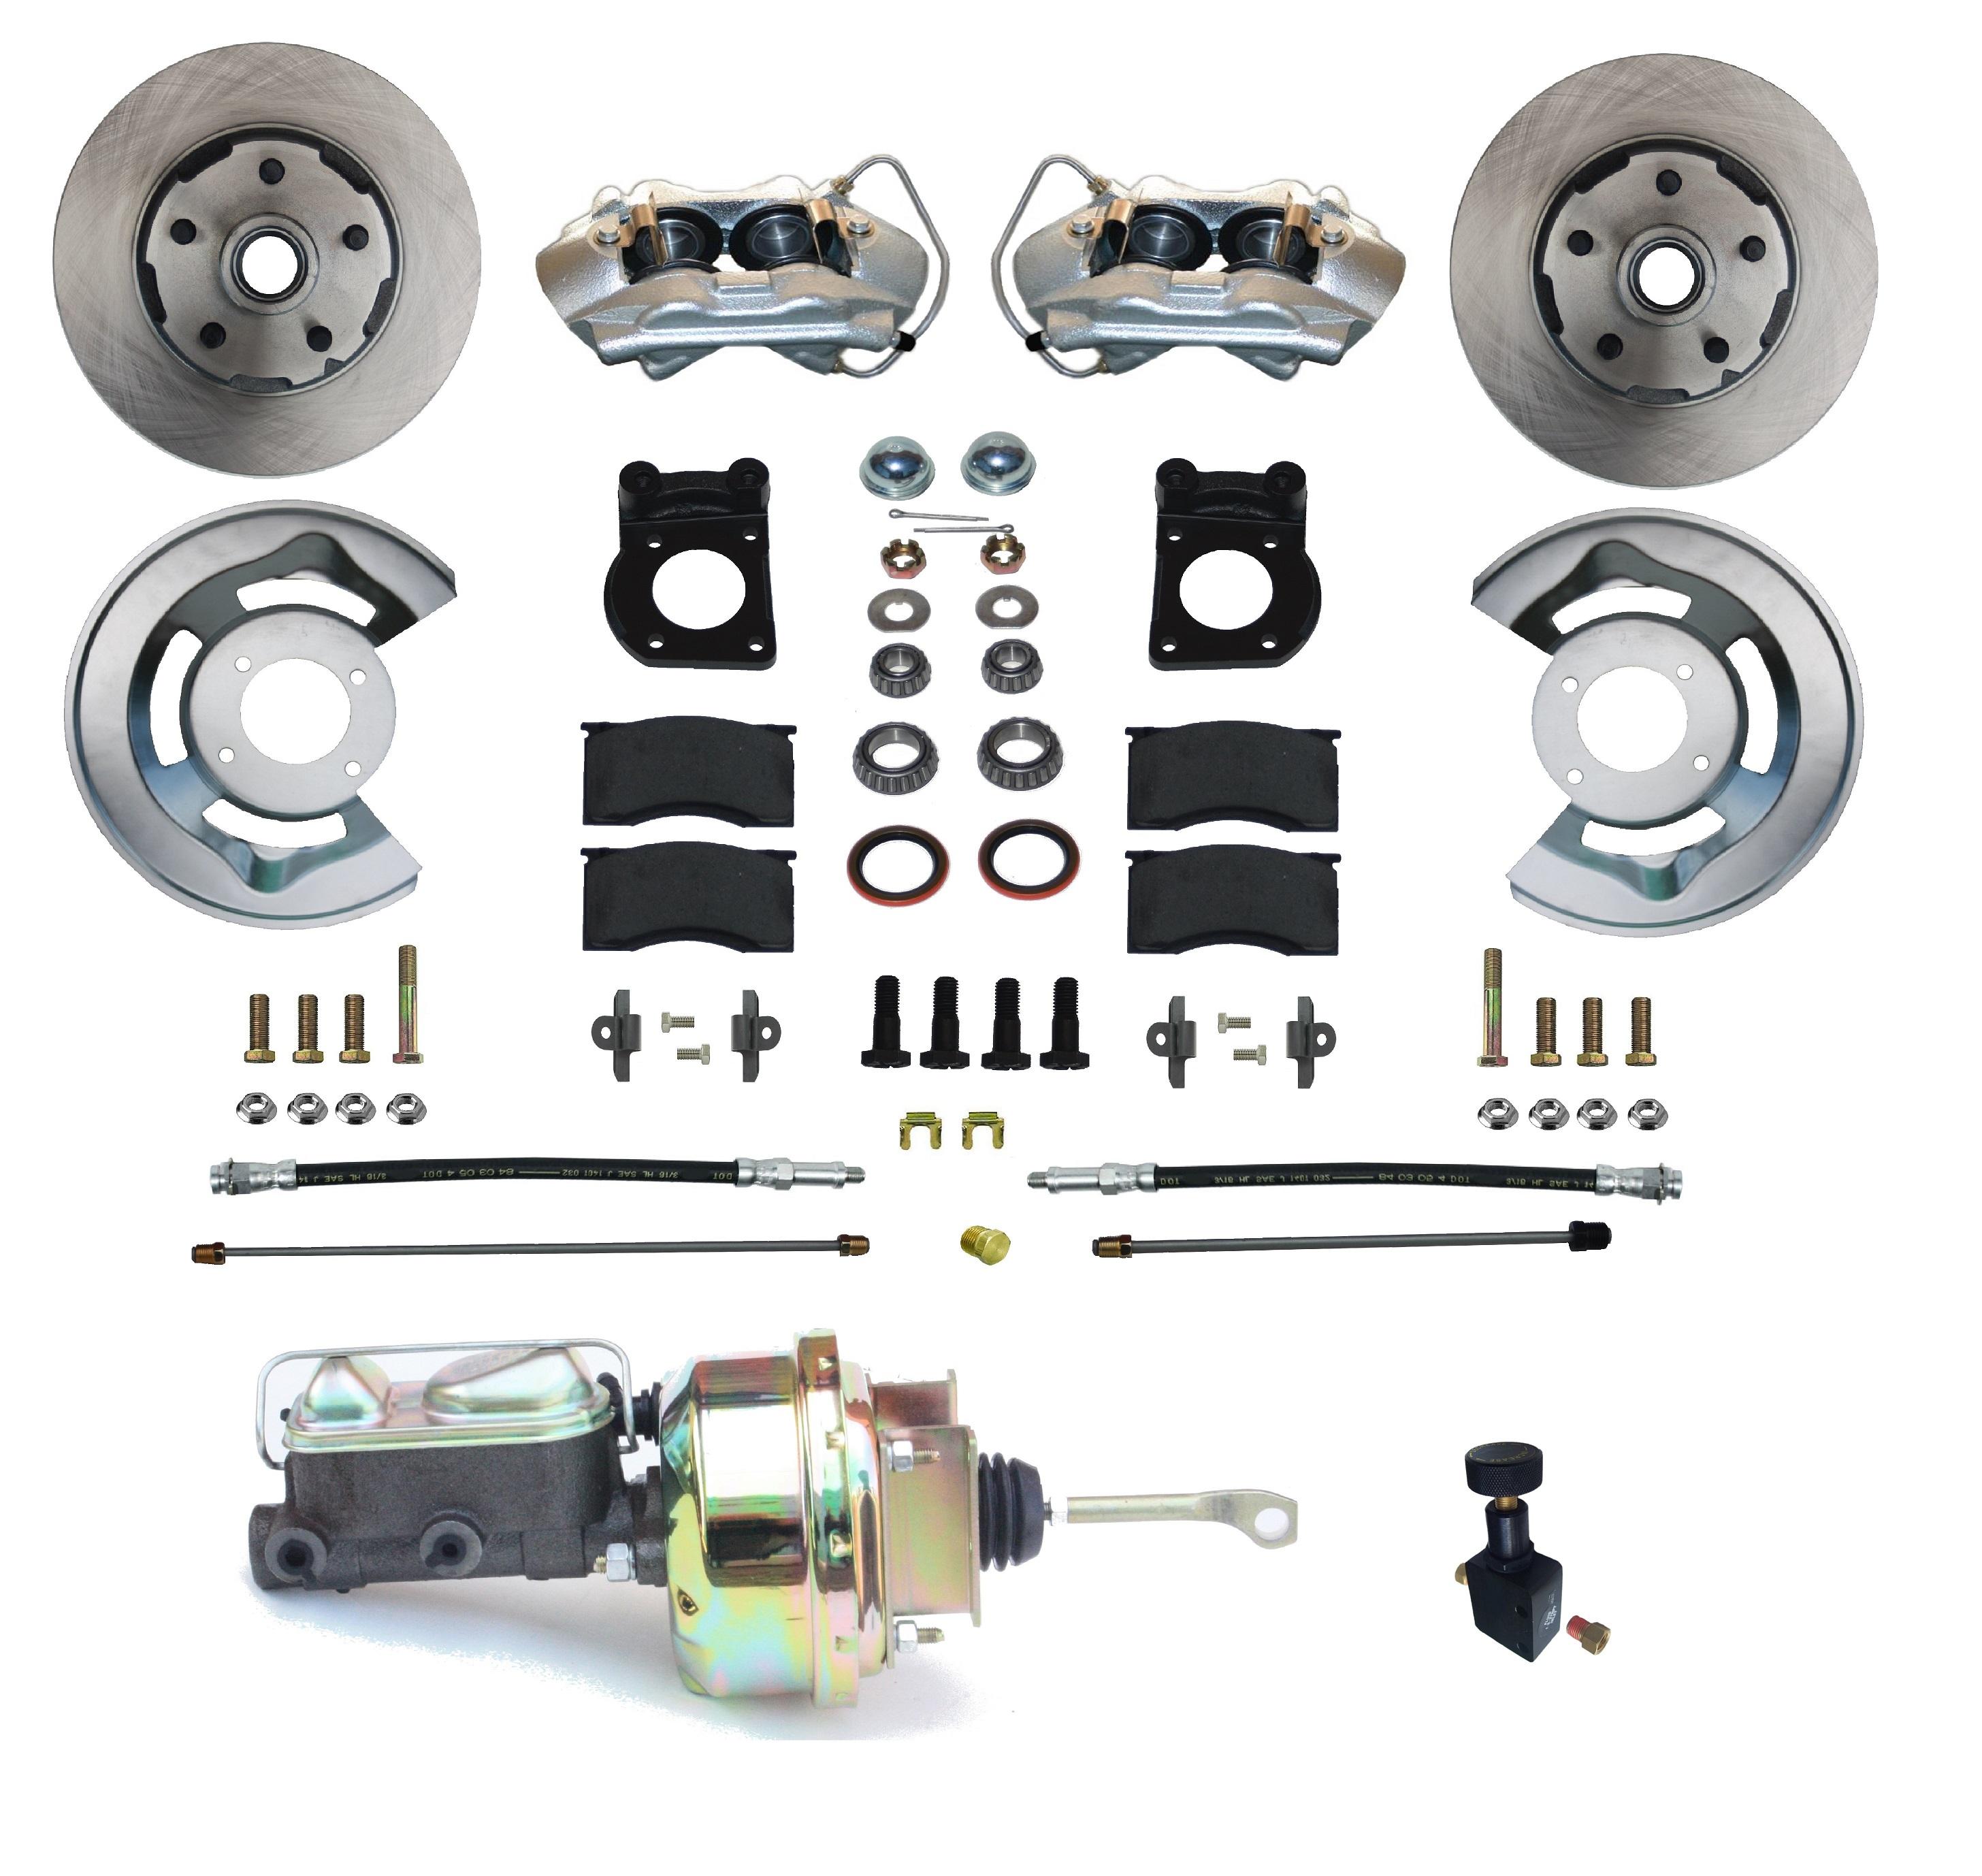 LEED Brakes image 2